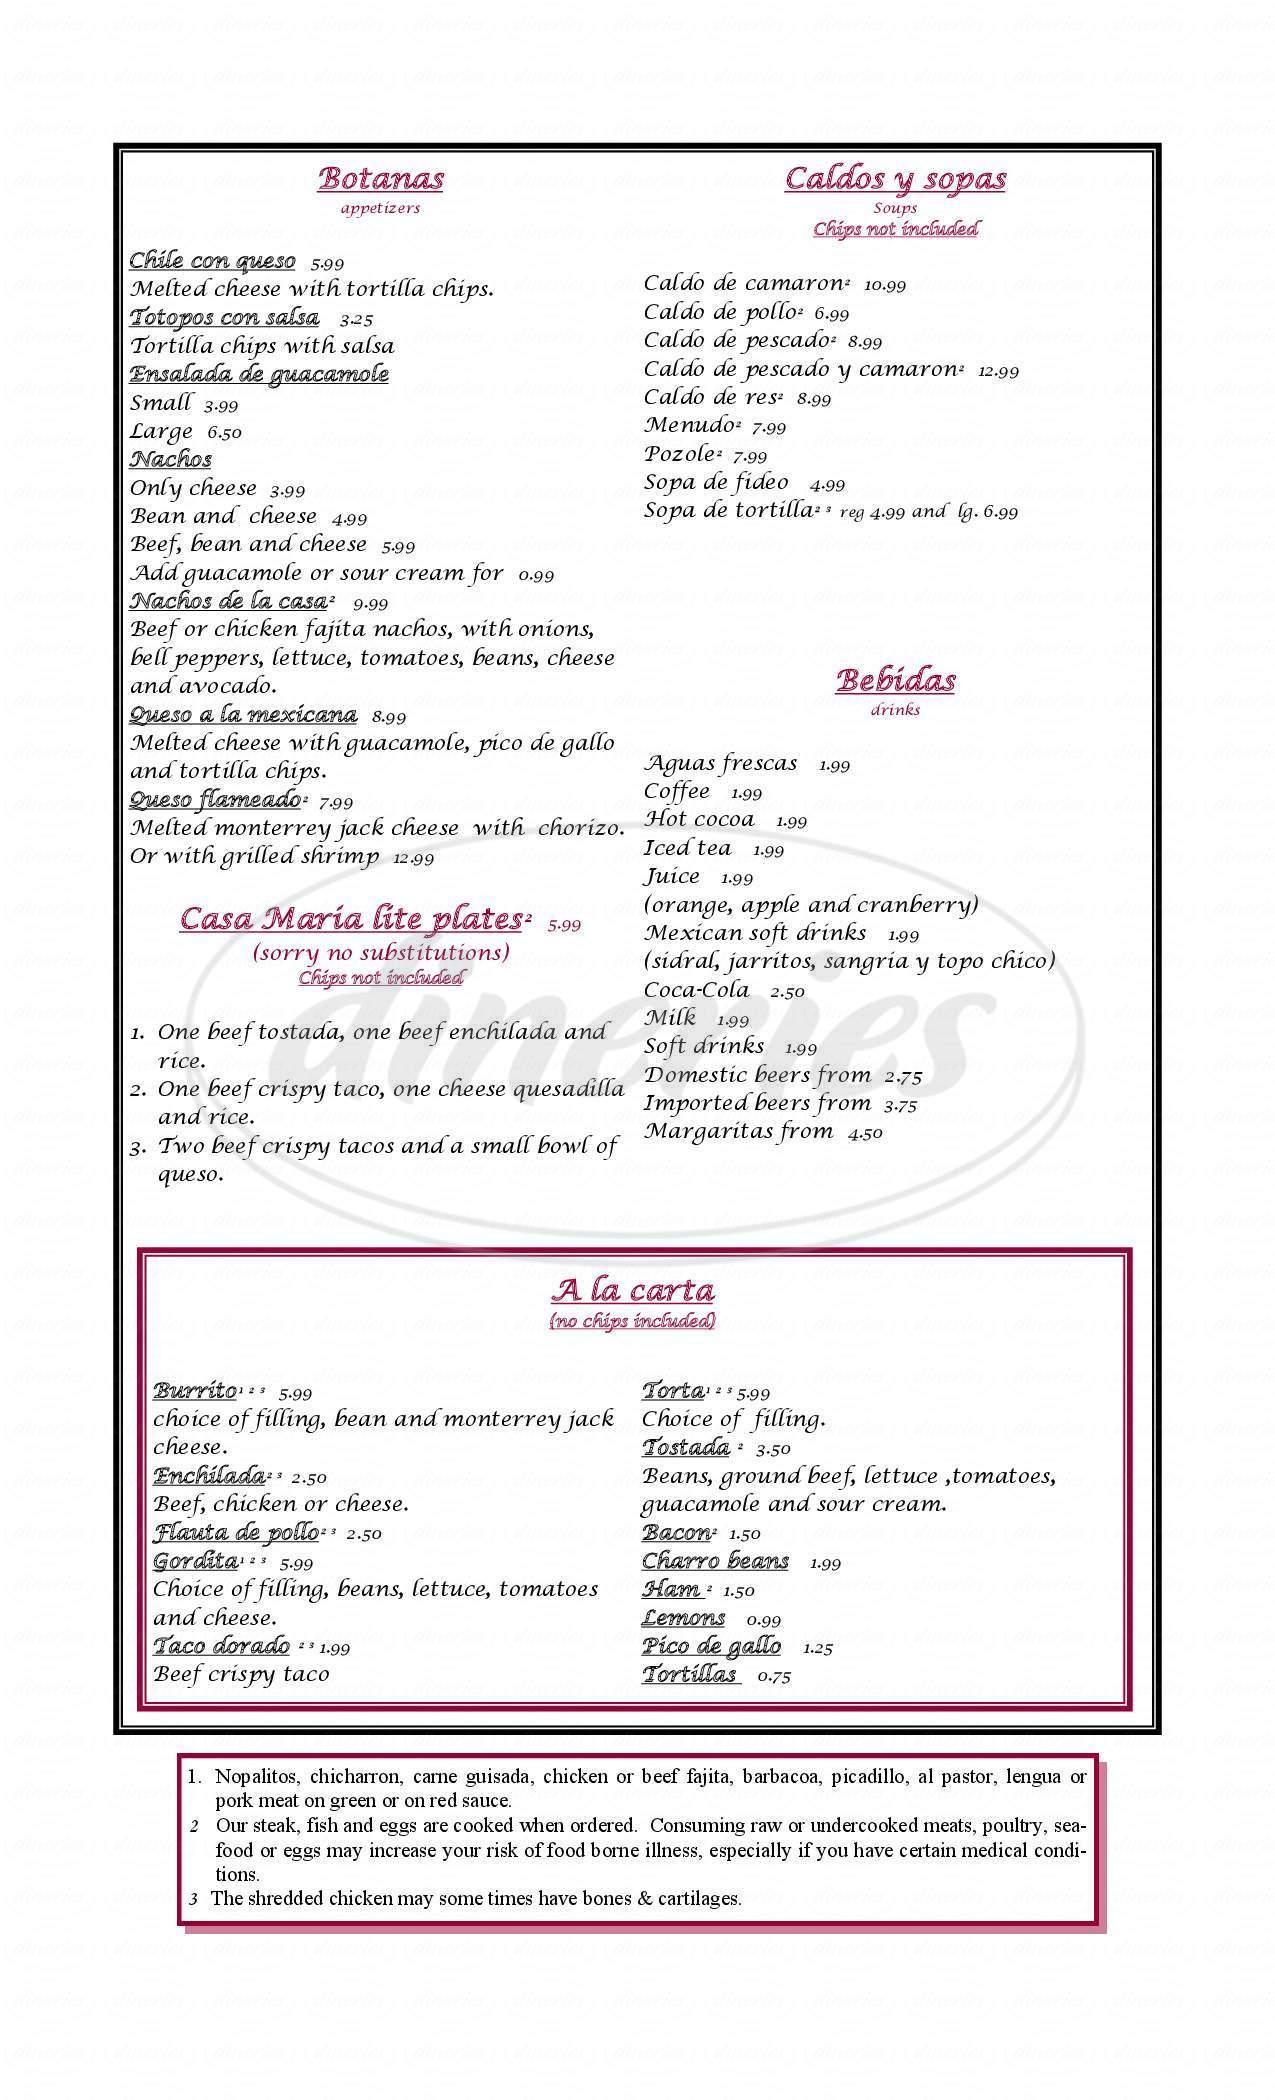 menu for Casa Maria